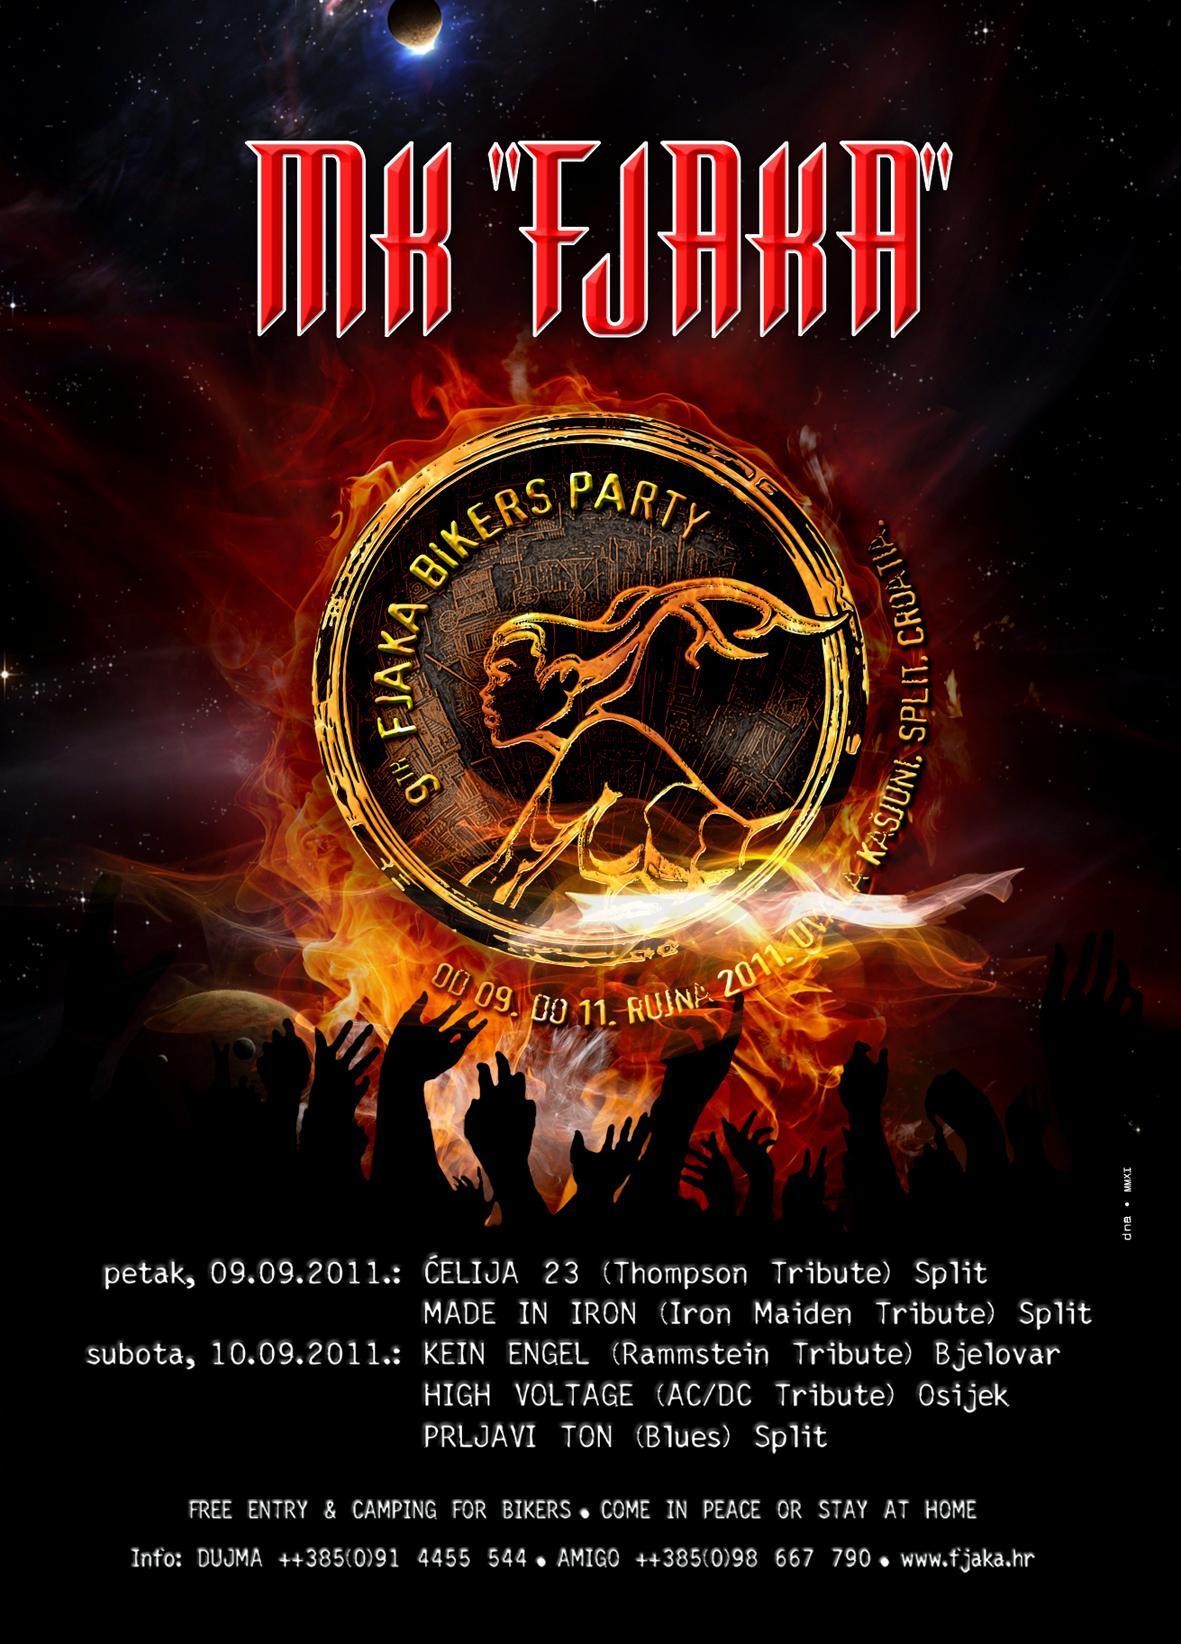 Najava koncerta - 9 th Fjaka Bikers Party, Uvala Kašjuni, Split, 10.09.2011.